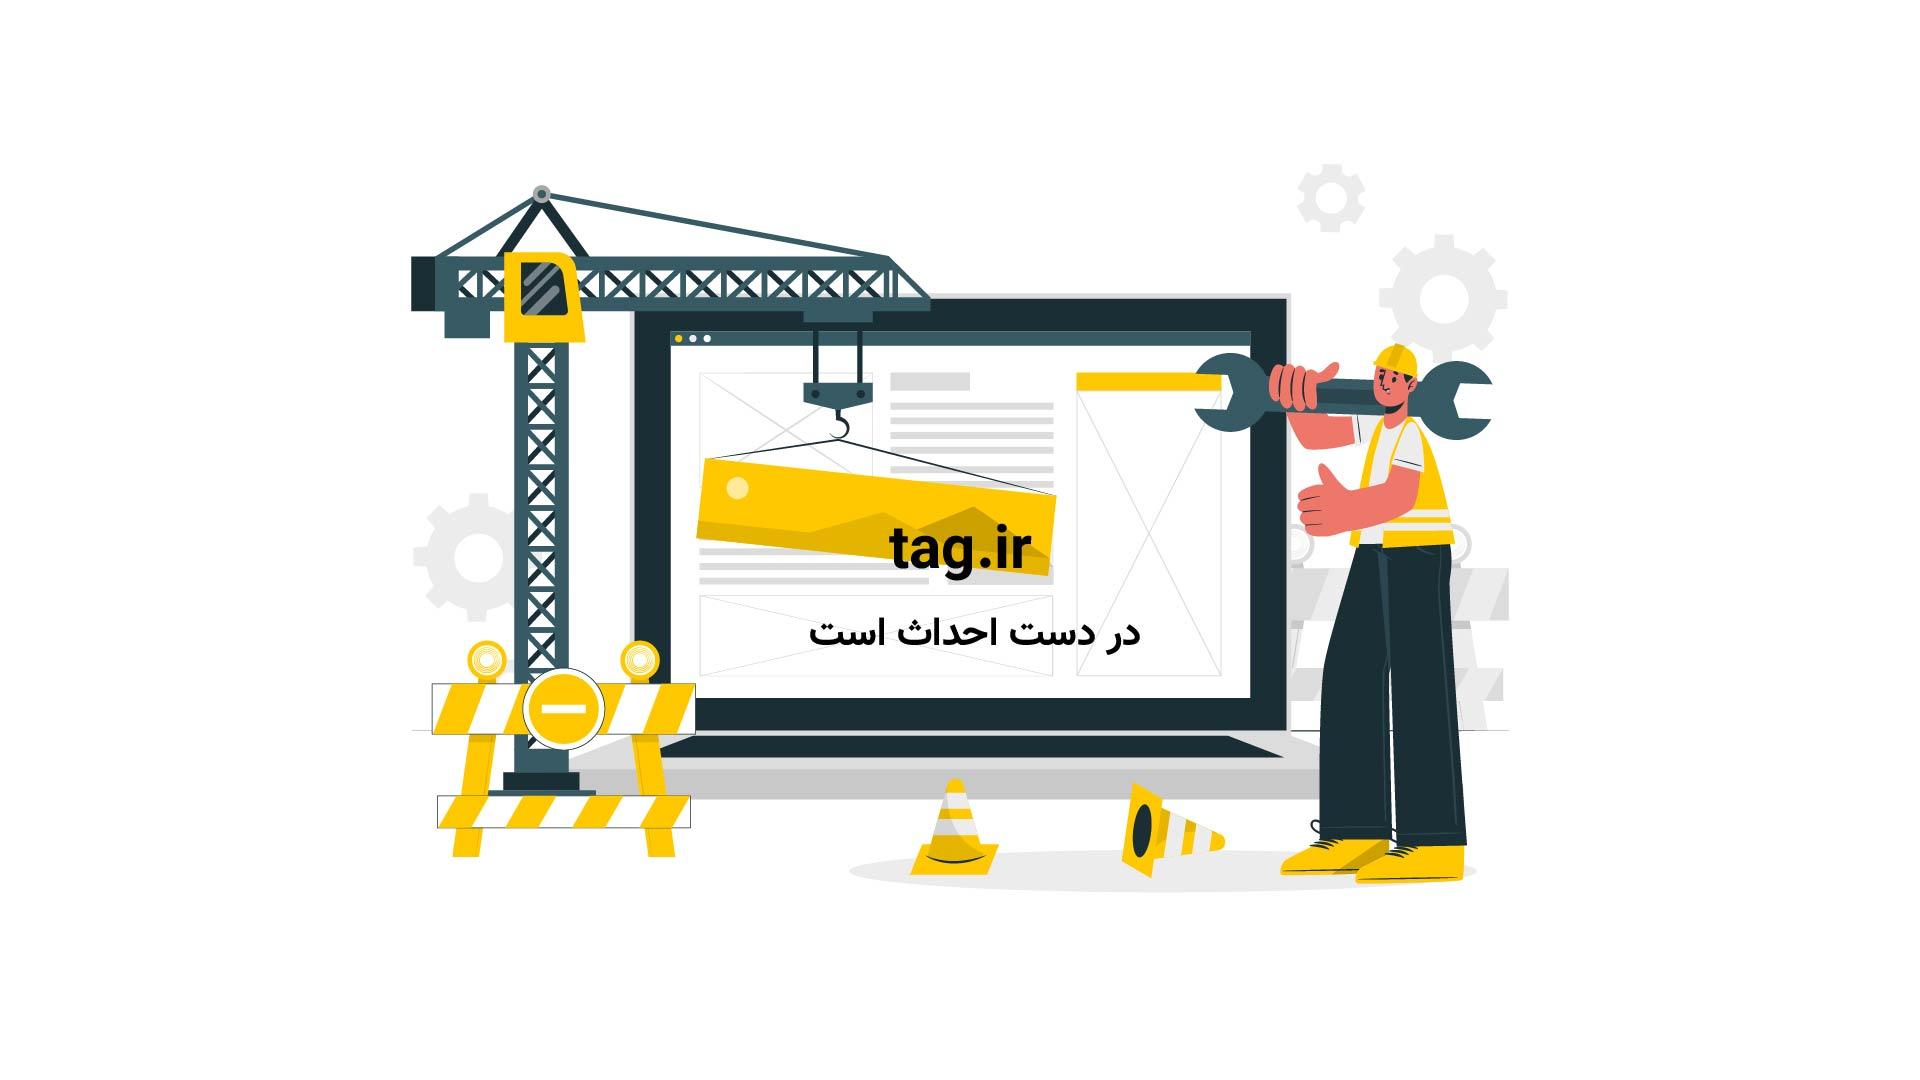 فیلم سنت بی رحمانه کشتار نهنگ در جزایر فارو دانمارک